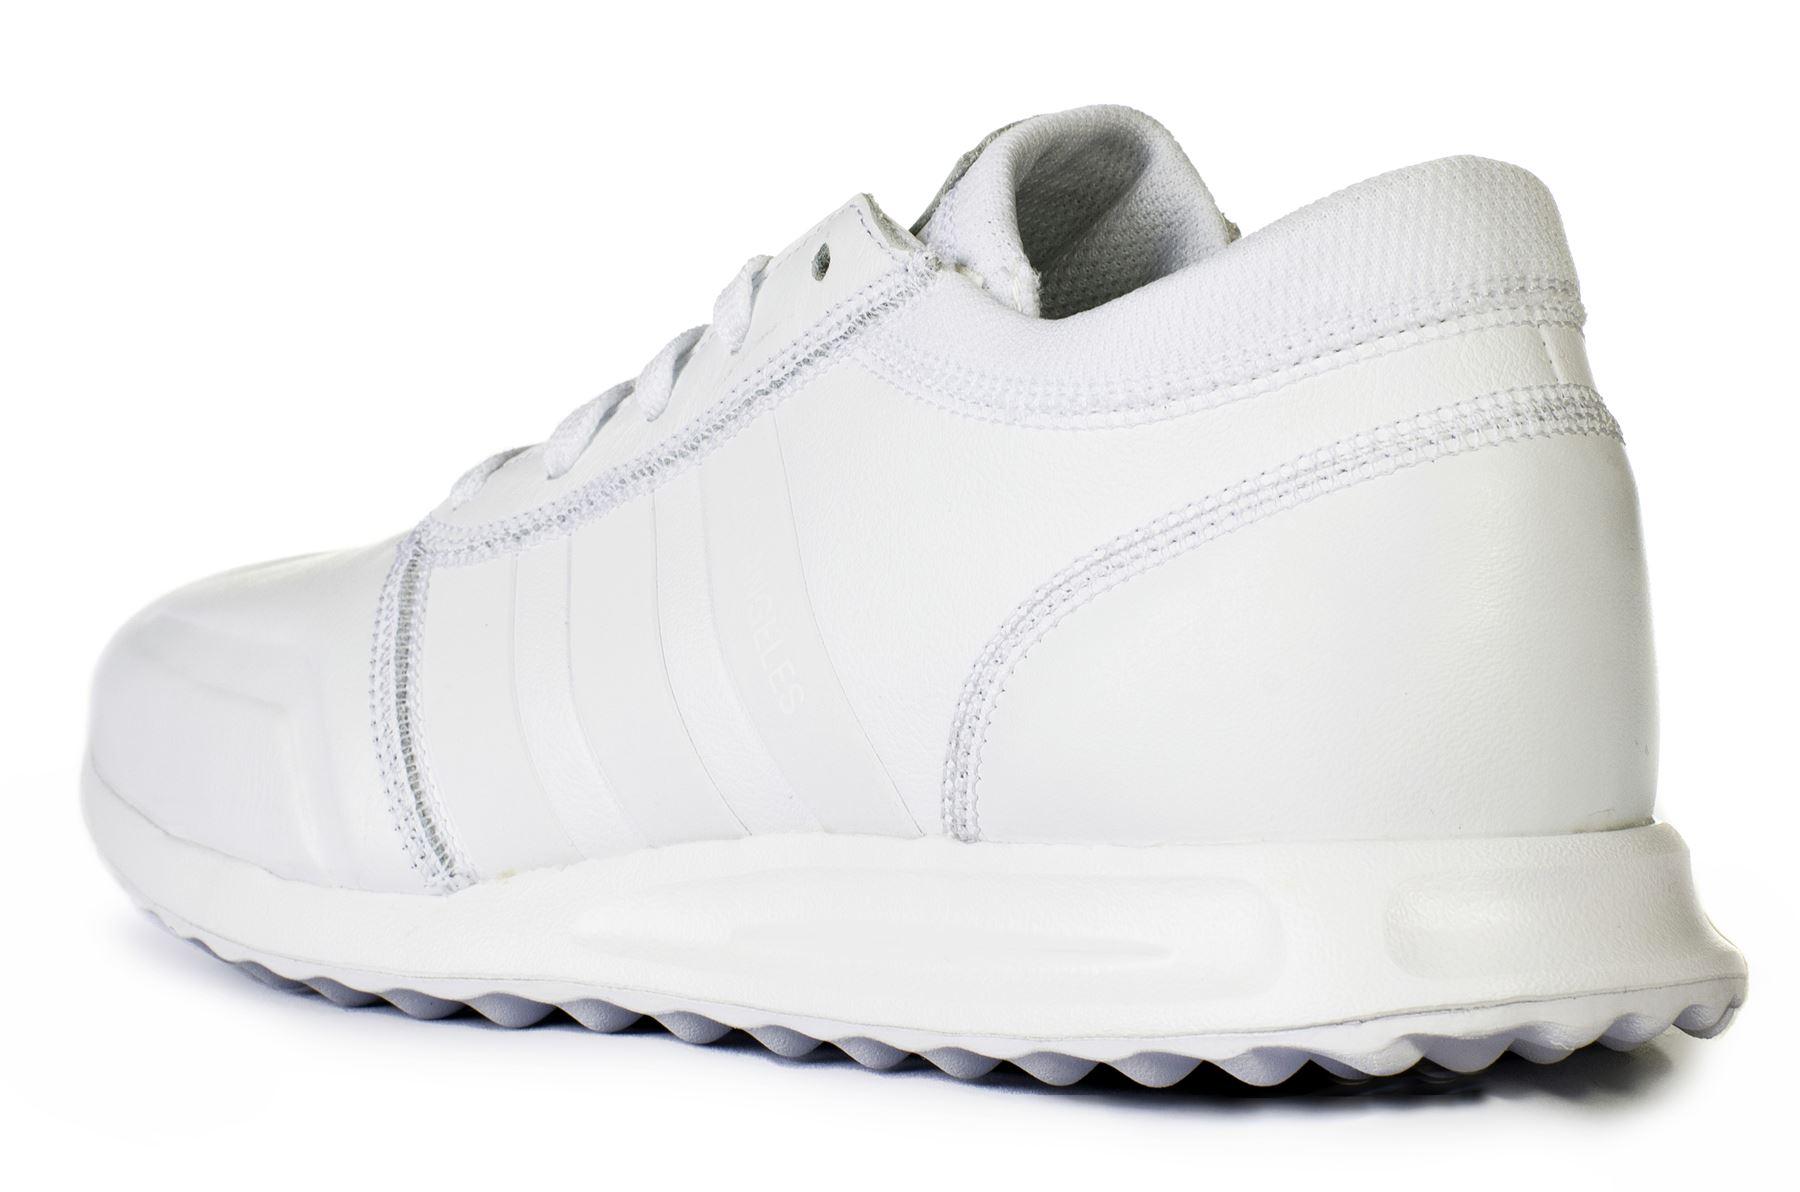 low priced e5384 232c9 Men-Adidas-Originals-Los-Angeles-Leather-amp-Mesh-